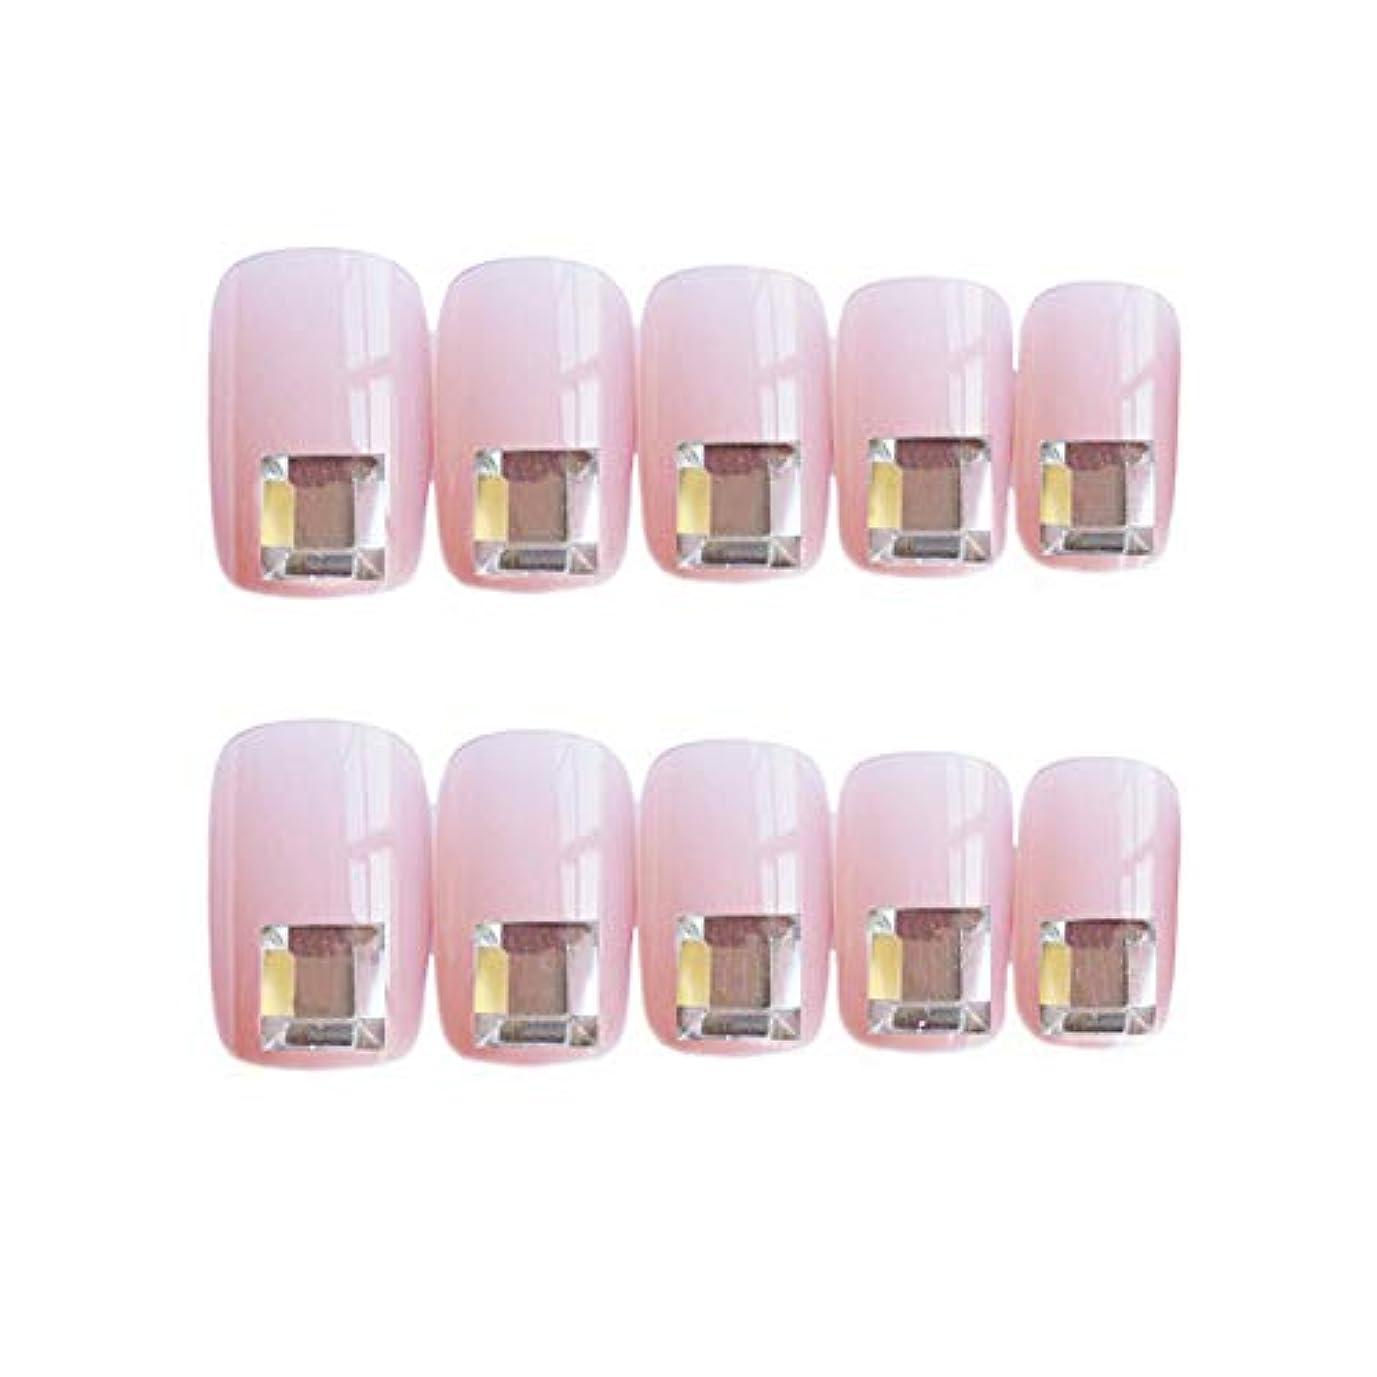 ジョージバーナード縁石バタフライ流行のスタイル 広場 きらめくダイヤモンド 桜の色 手作りネイルチップ 3Dネイルチップ 24枚入